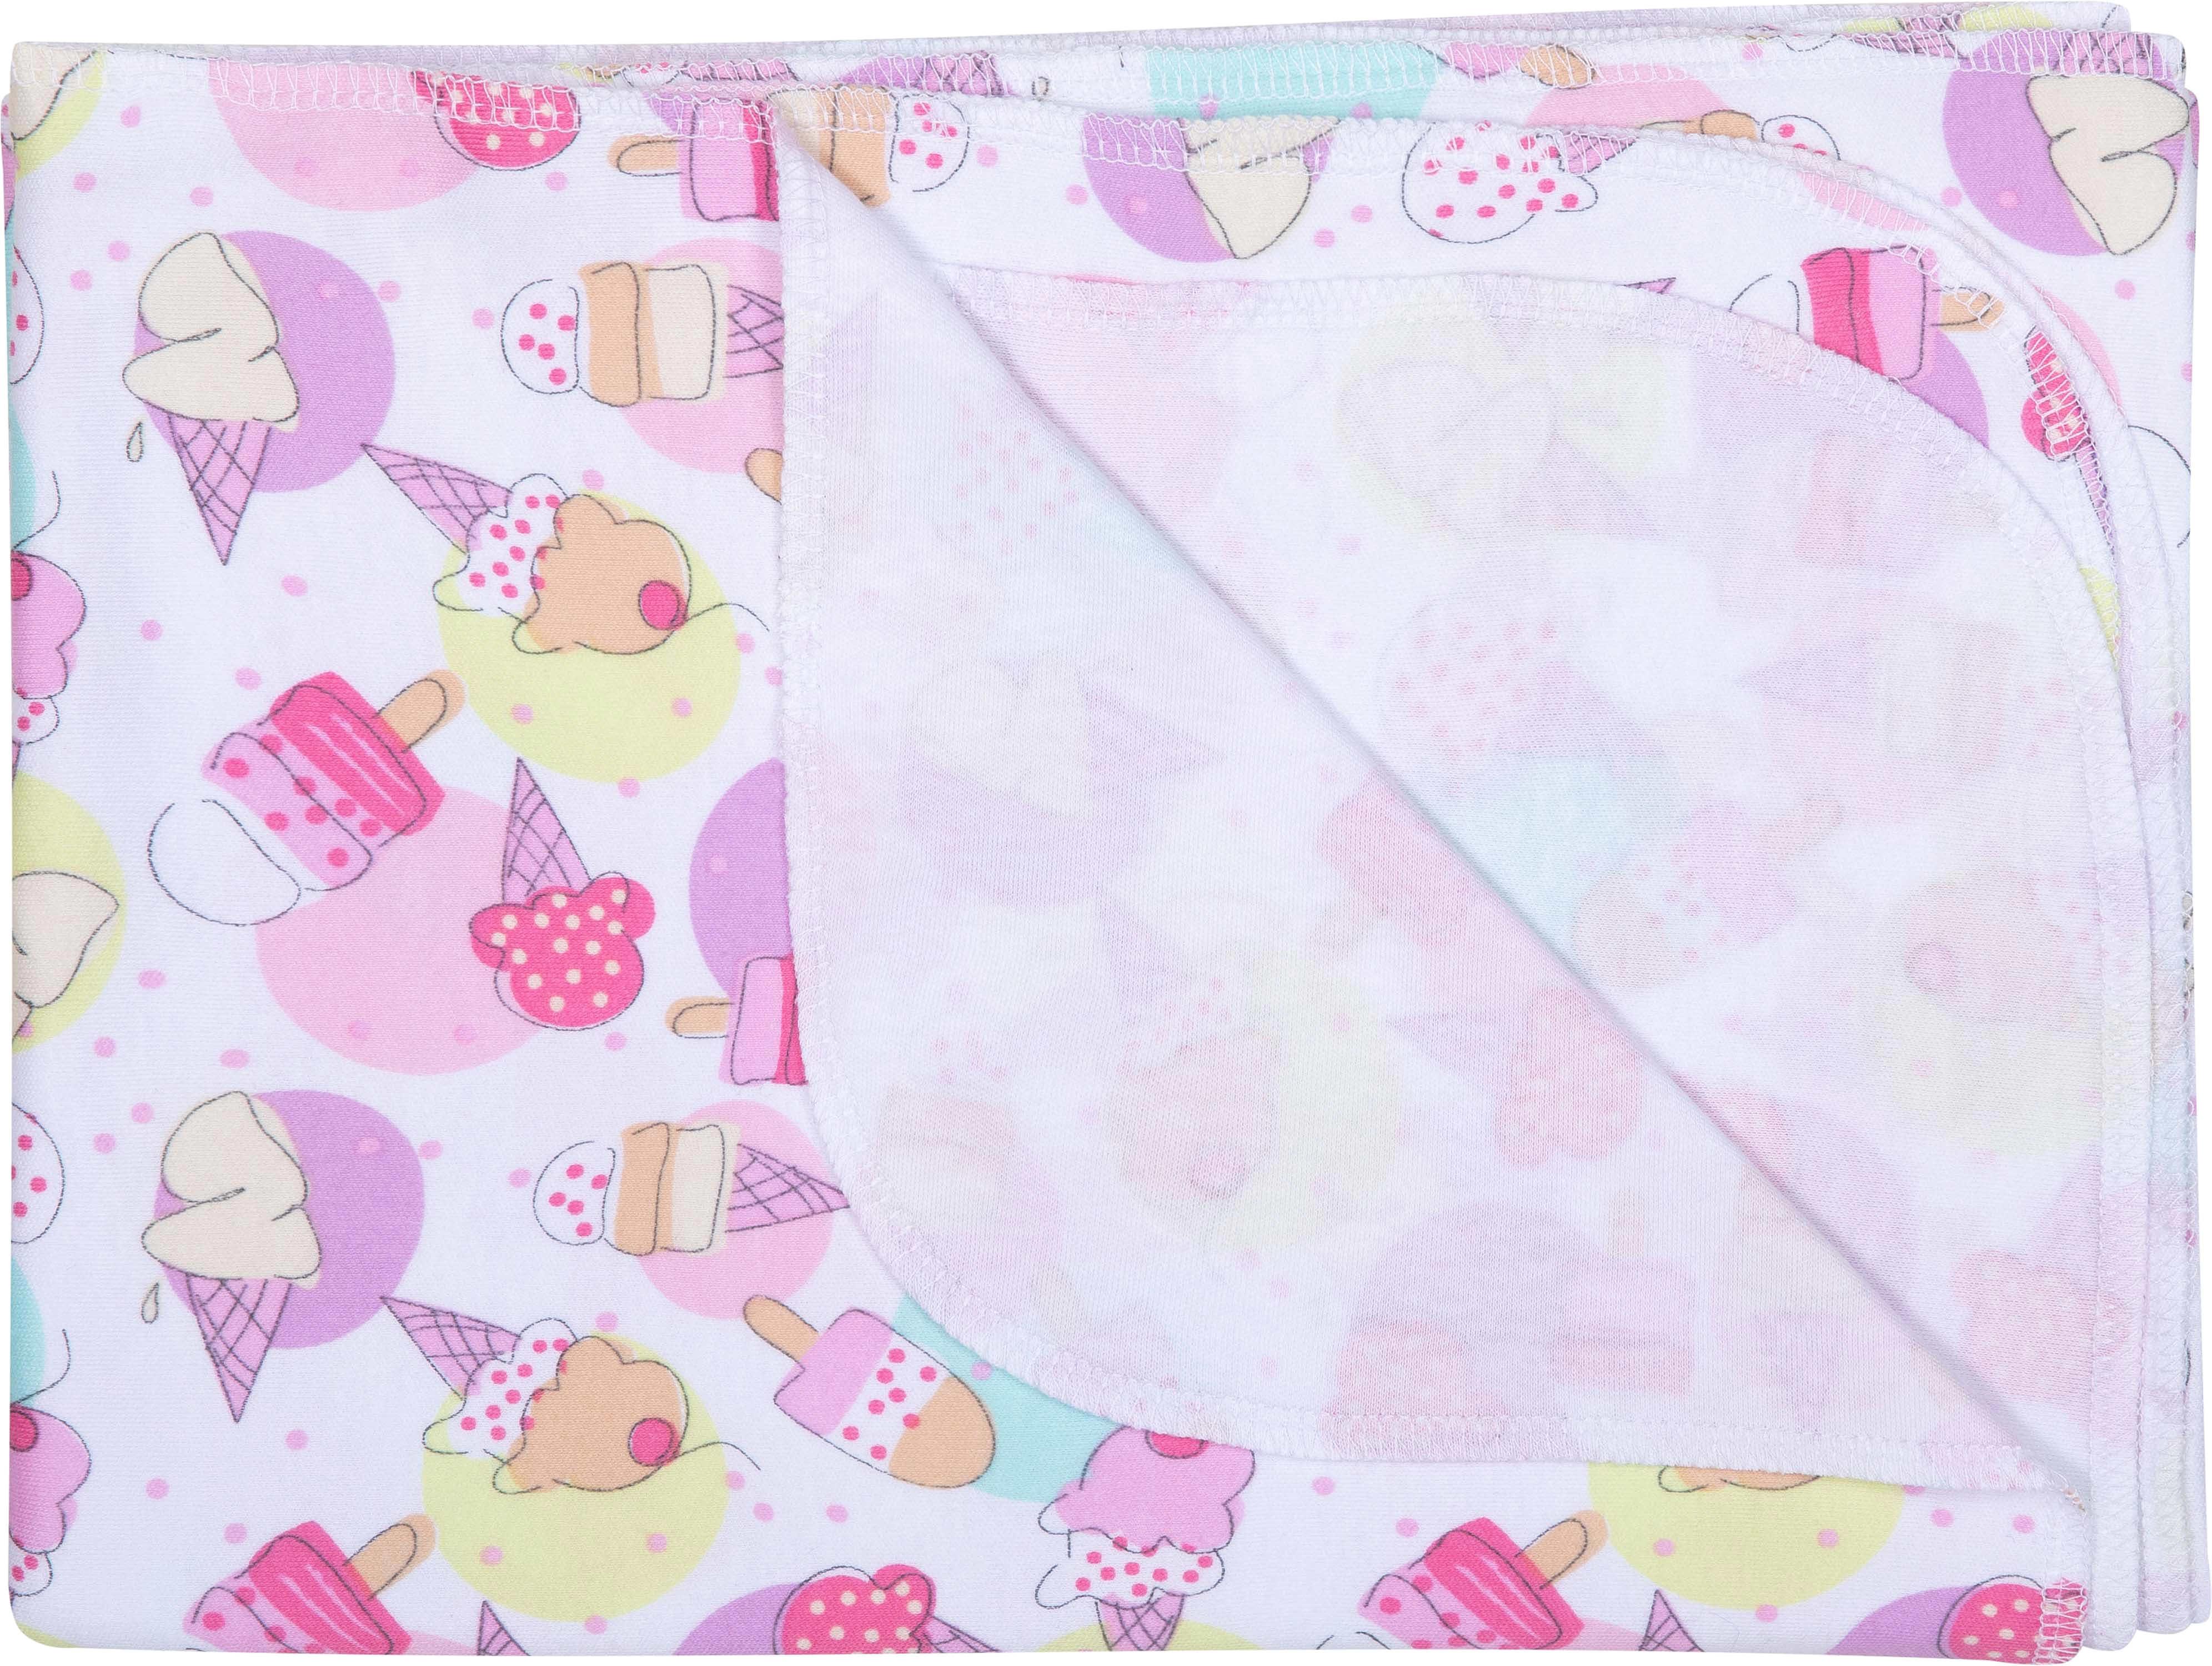 Купить Пеленки и уголки, Пеленка детская Barkito «Маленькие сладости», 120х90 см., 2шт., белая с рисунком, розовая, Россия, белый с рисунком, розовый